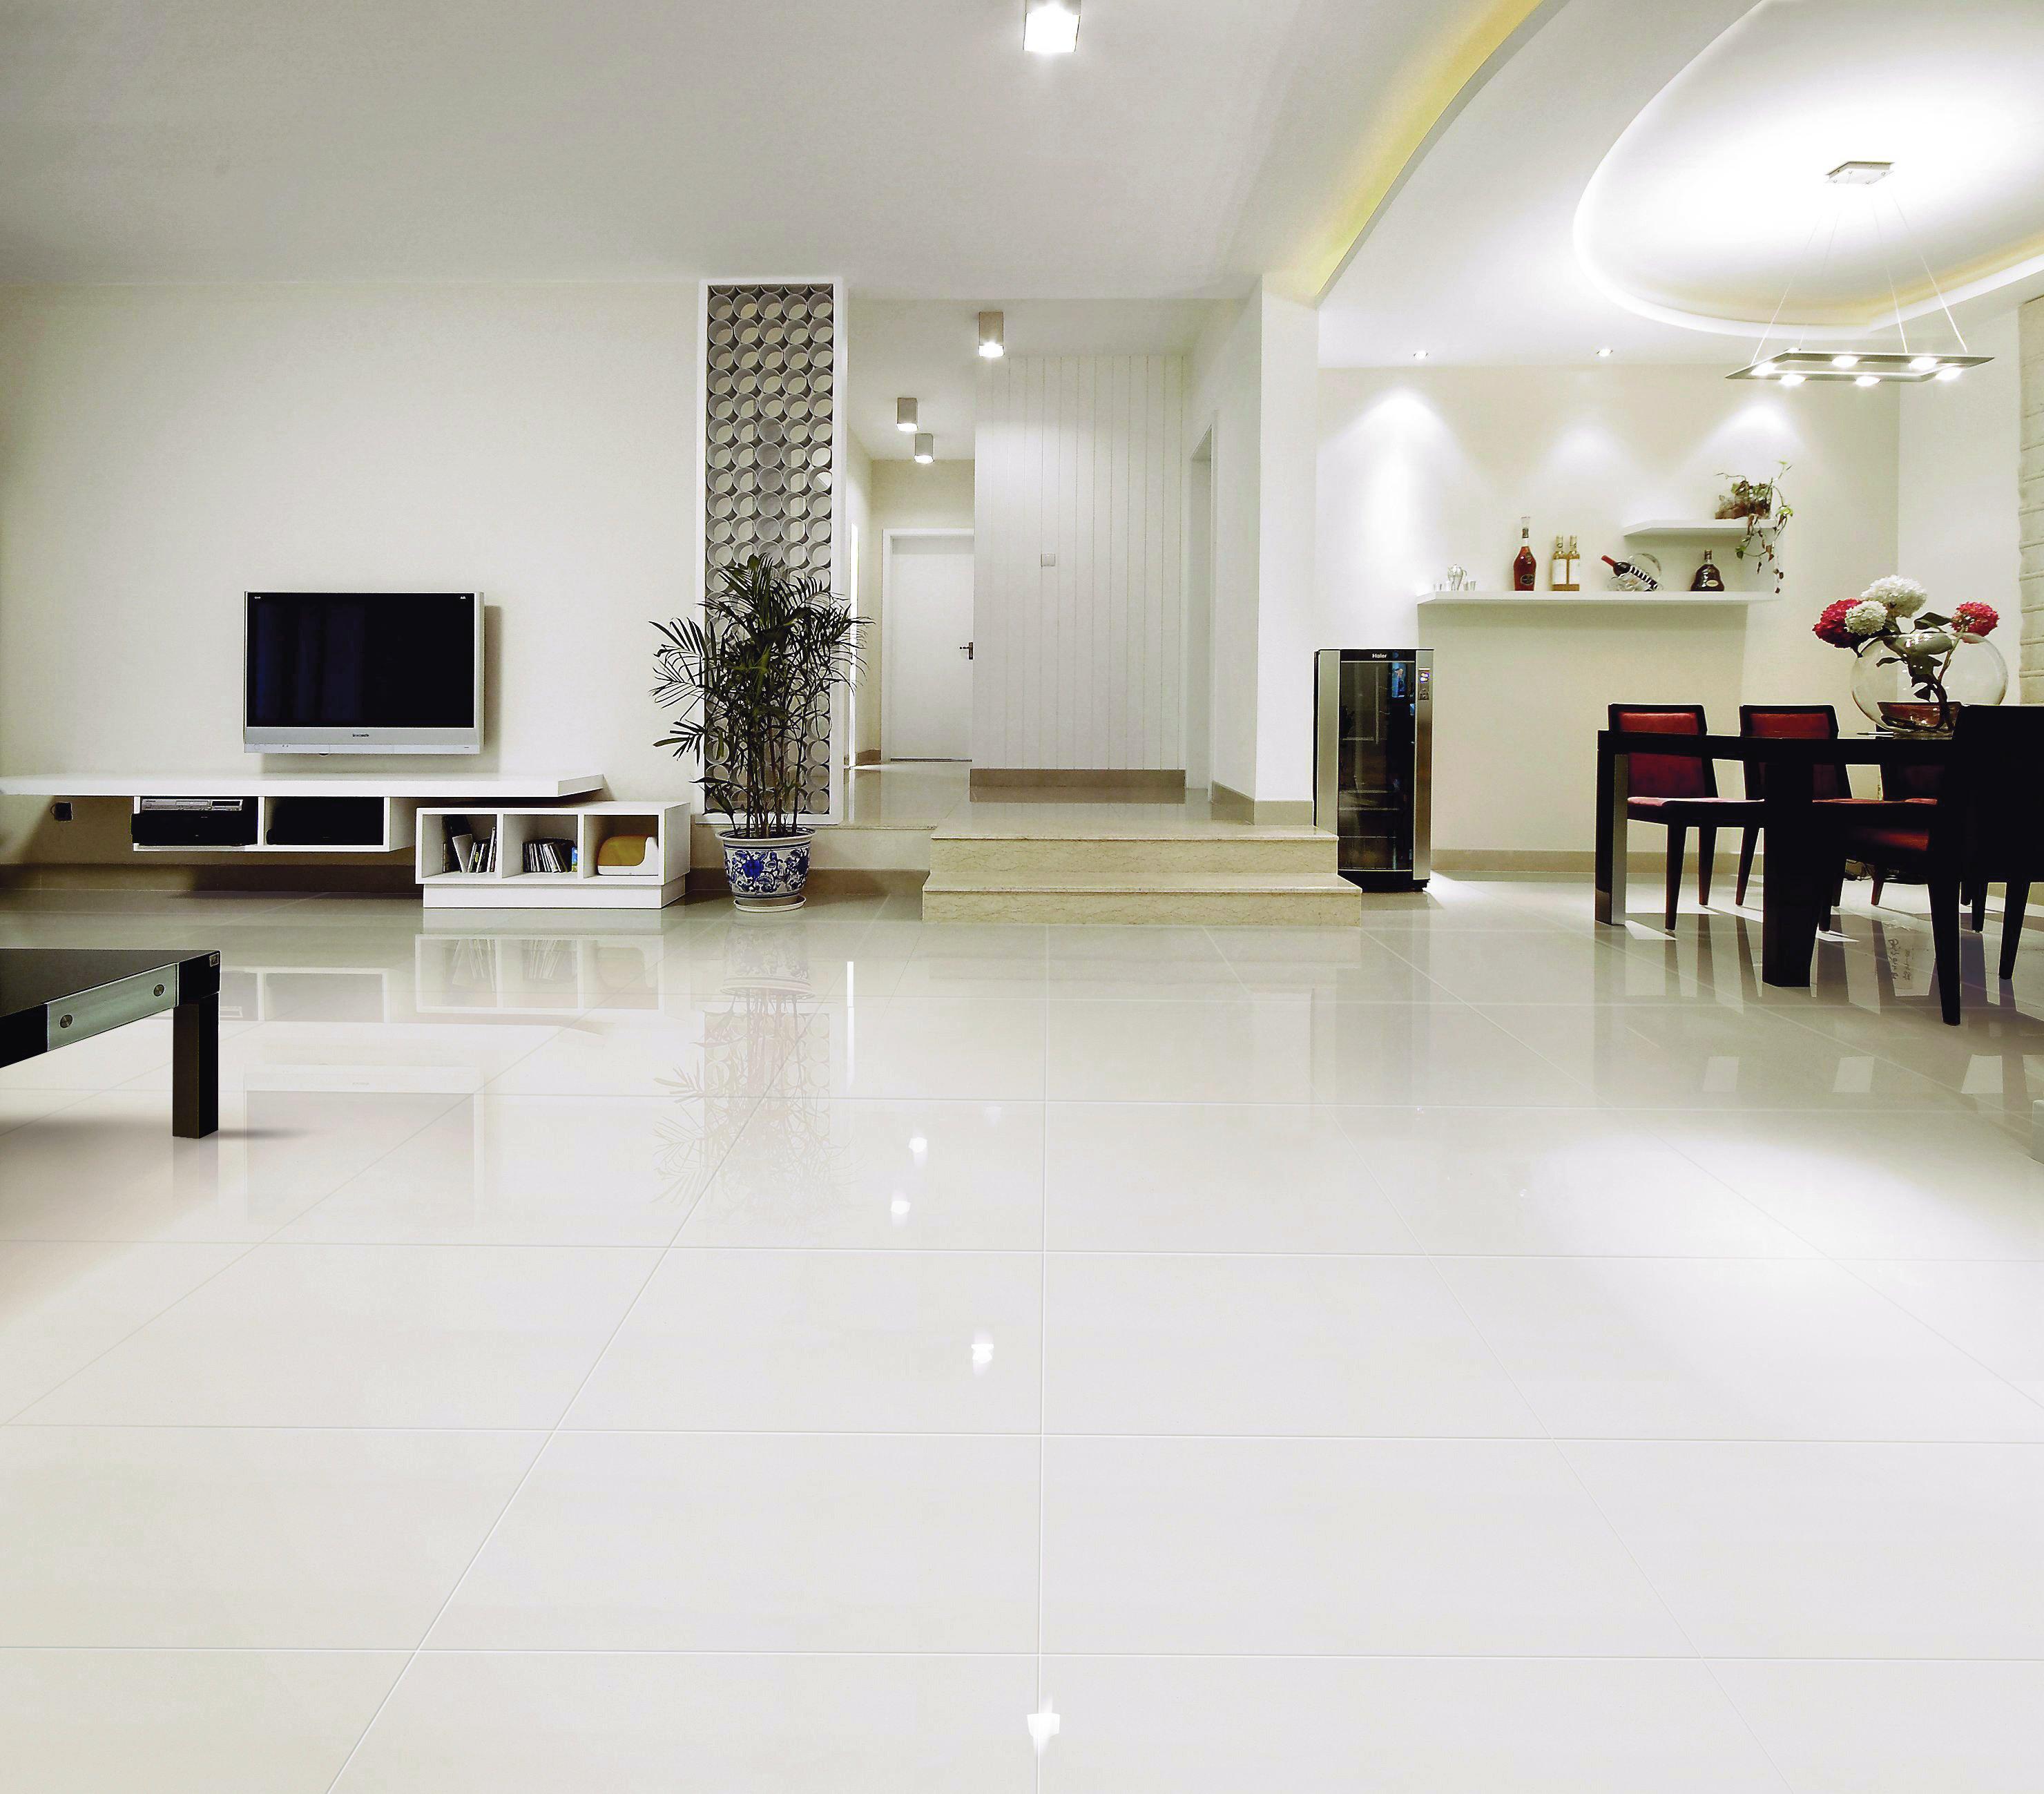 white porcelain tile floor